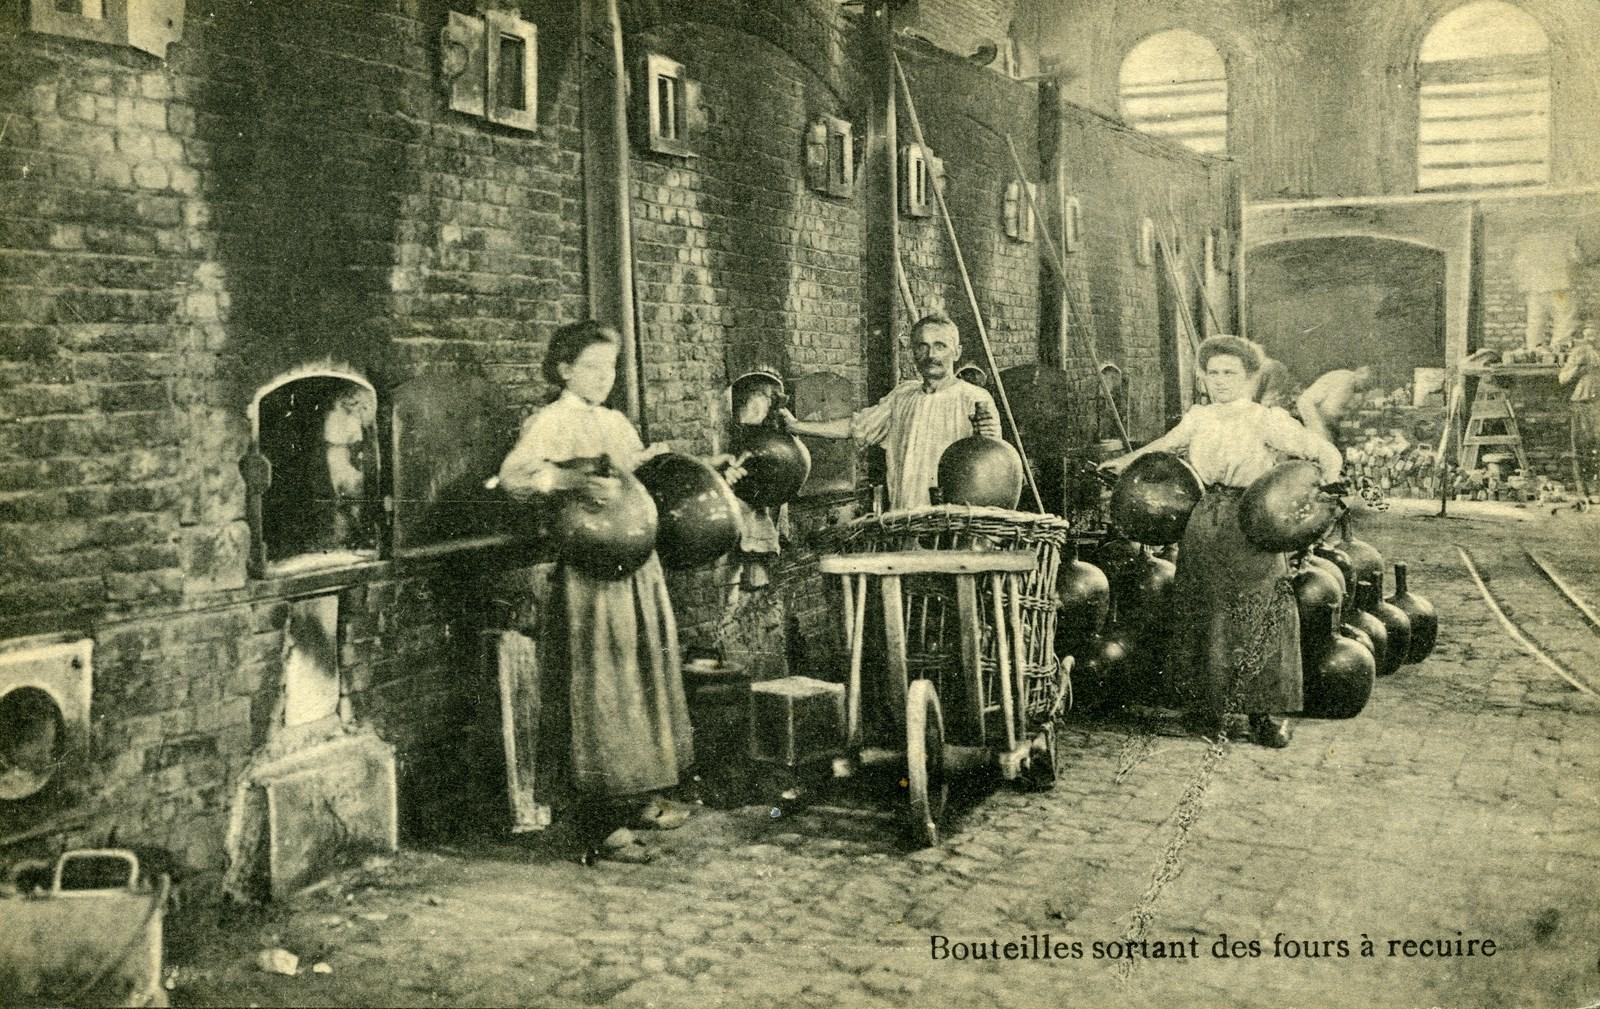 La sortie de l'arche de recuit des dames-jeannes aux Verreries de Jumet, vers 1900